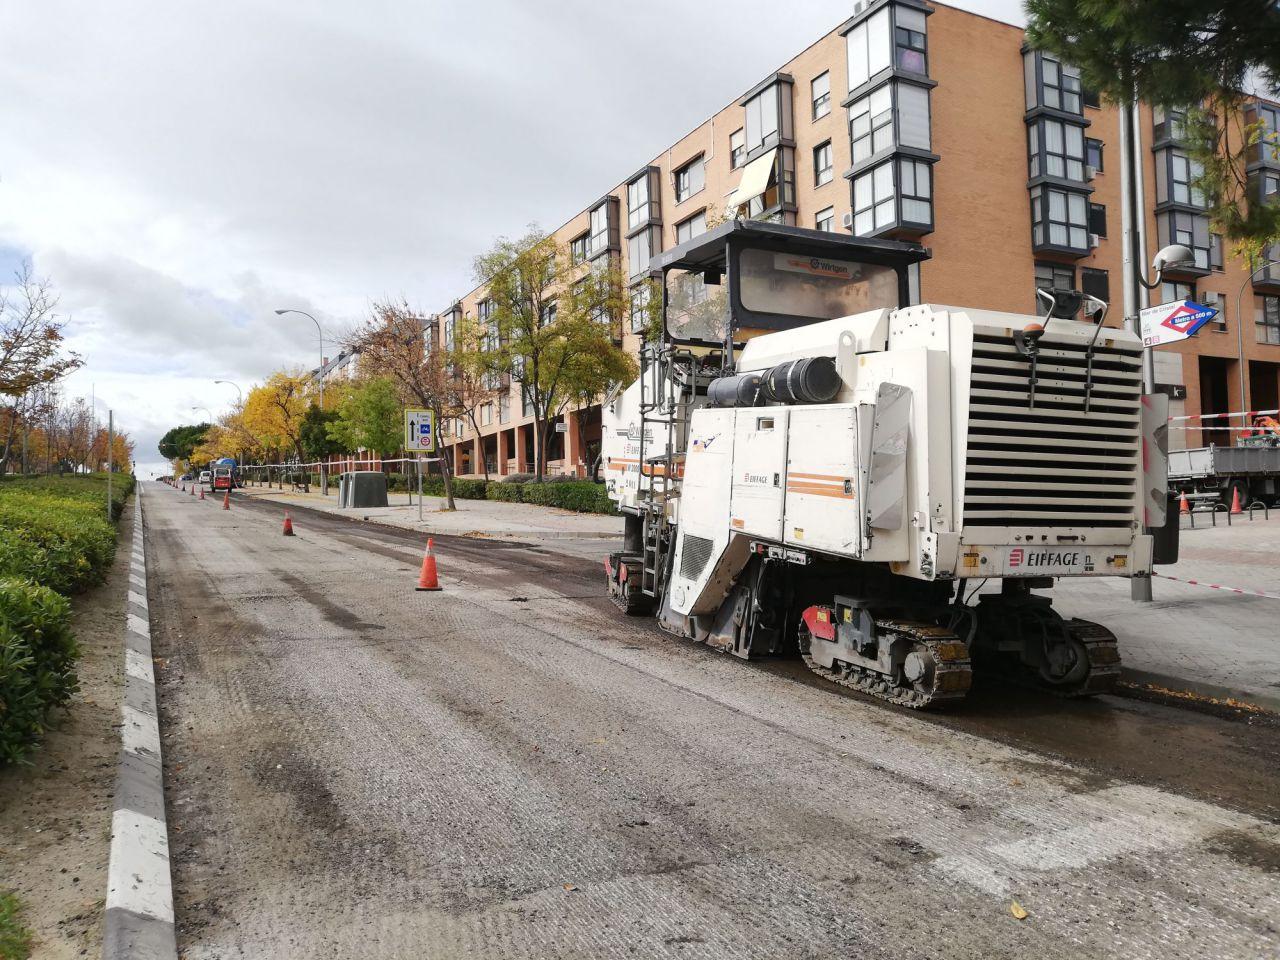 El asfaltado de la calle ha servido para revertir el ciclo carril existente.